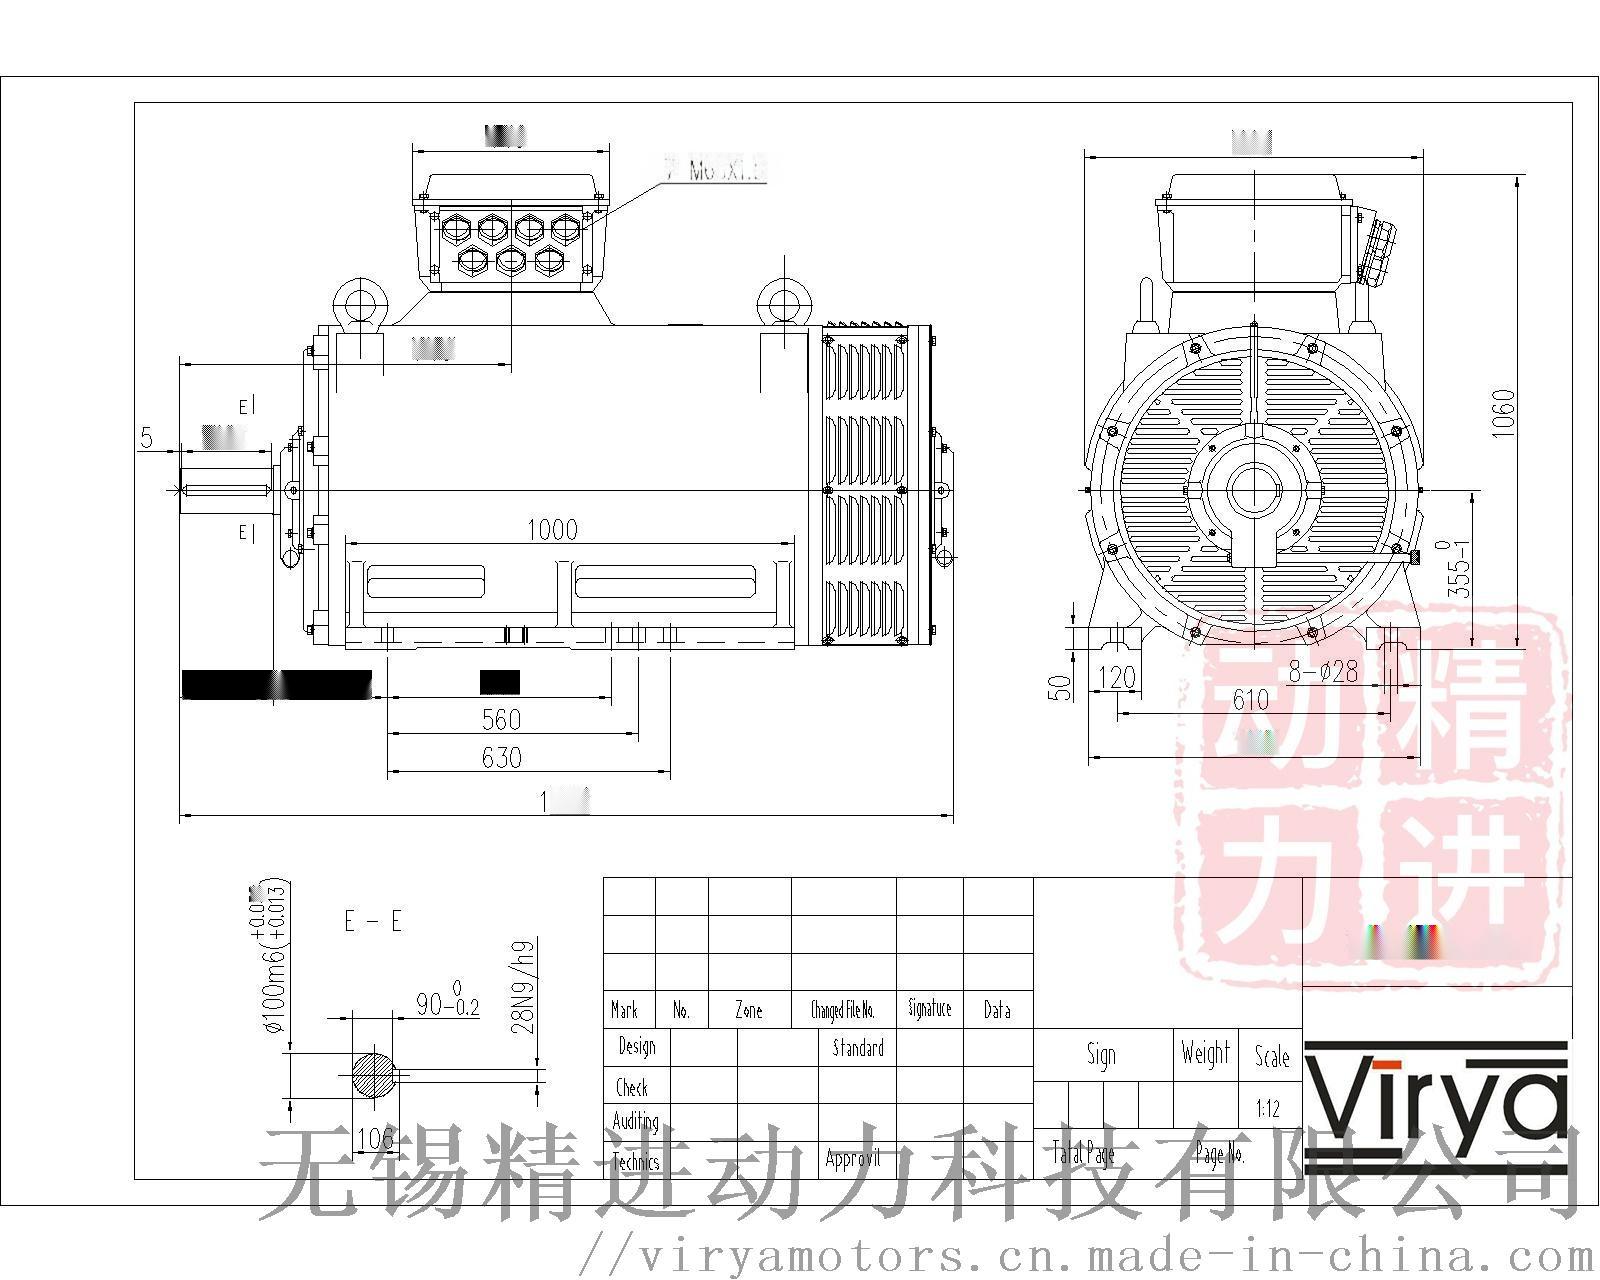 tpyrced_OMD-355-4~6 B3-Model.jpg